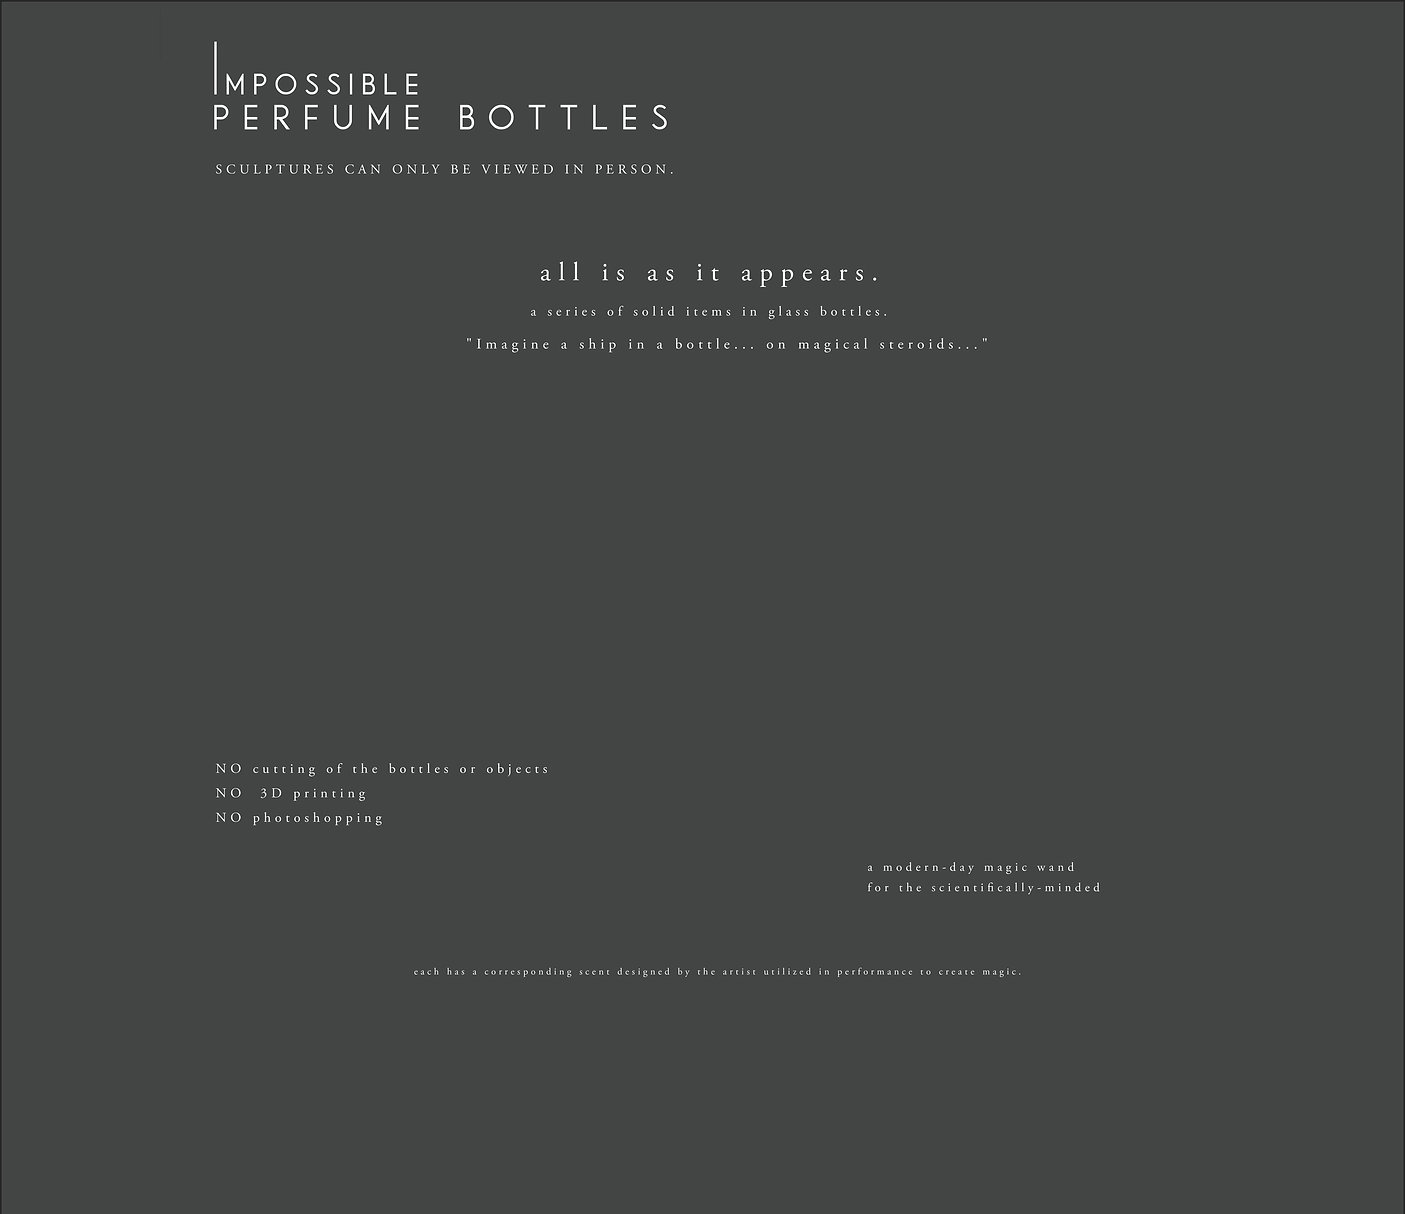 bottleimageswhiteforsculpturewebsitenew2